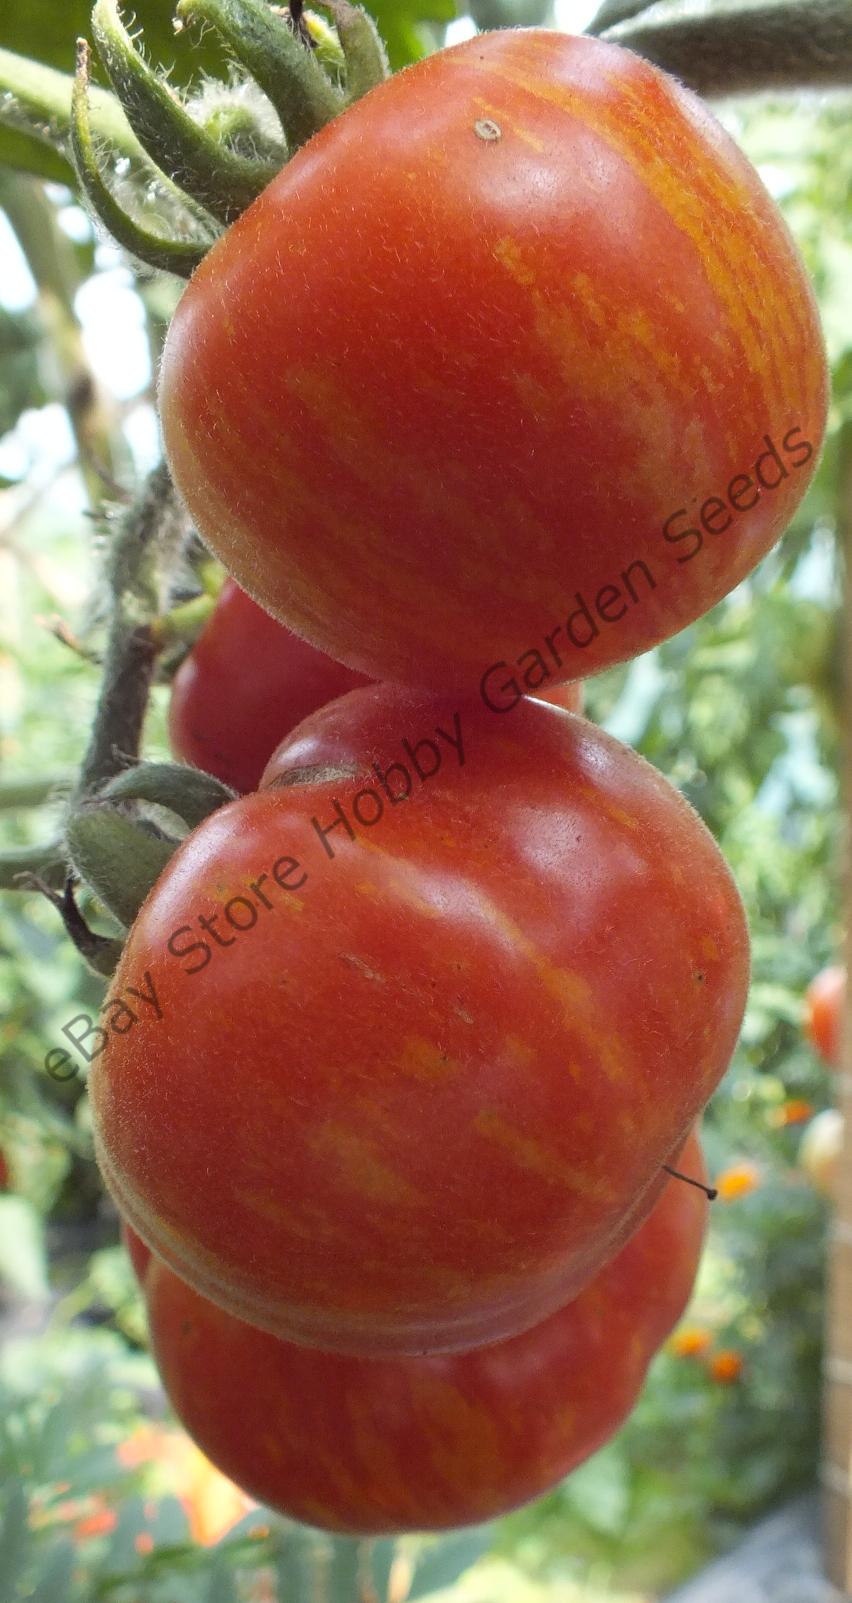 Red tomatoes : ELBERTA PEACH Tomato